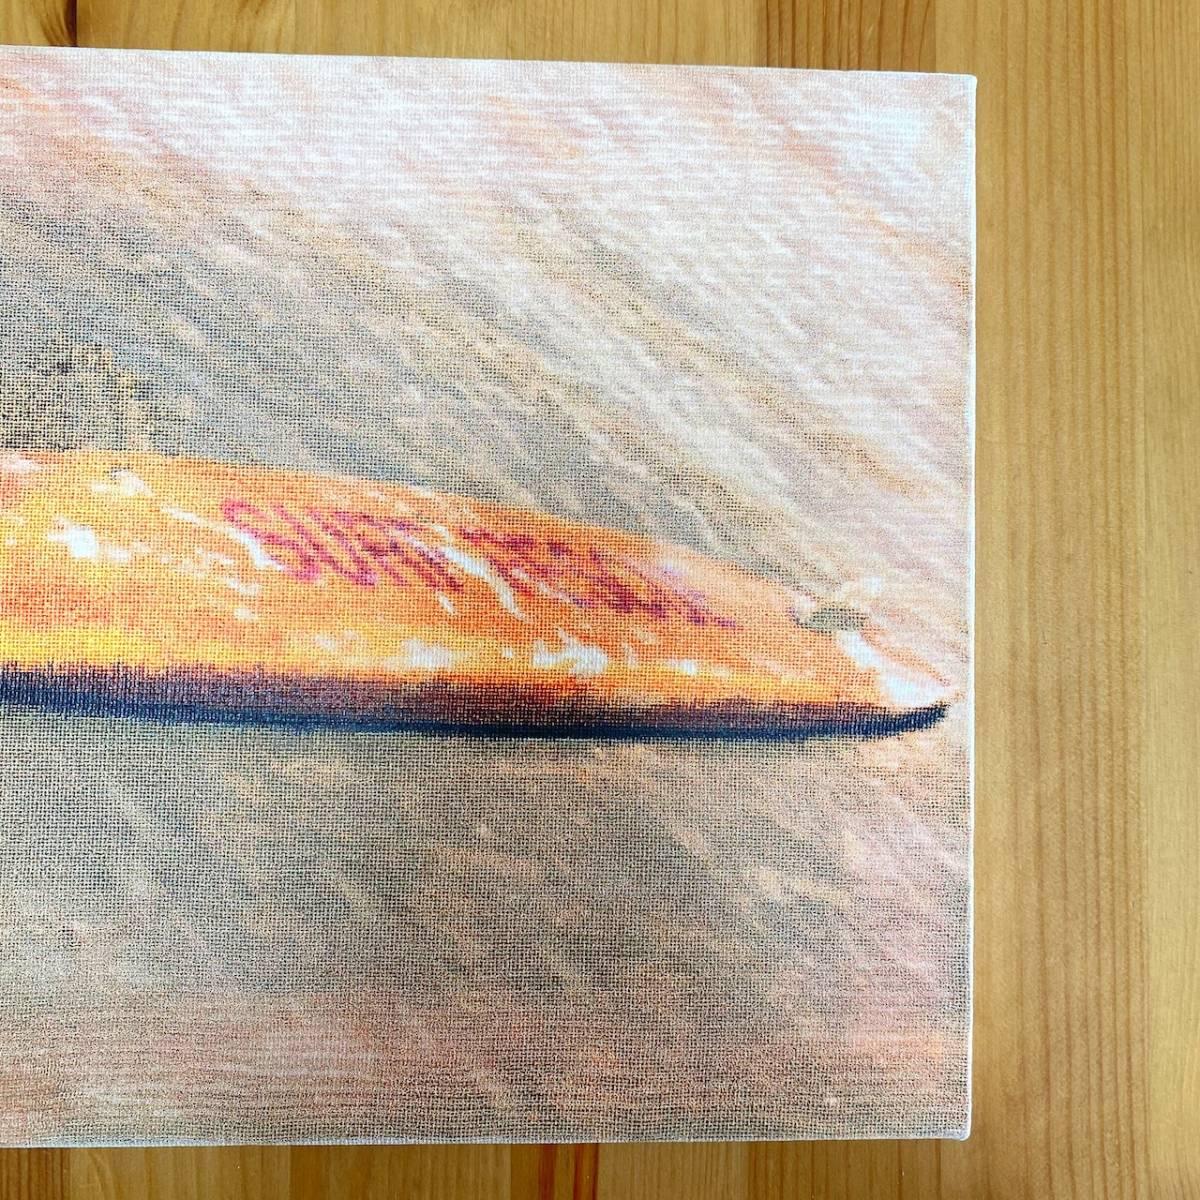 【新品】17 キャンバスアート ファブリックパネル アート 壁掛け サーフ ディスプレイ 海 Sea サーフィン HOME おうち時間 日本製 12/1